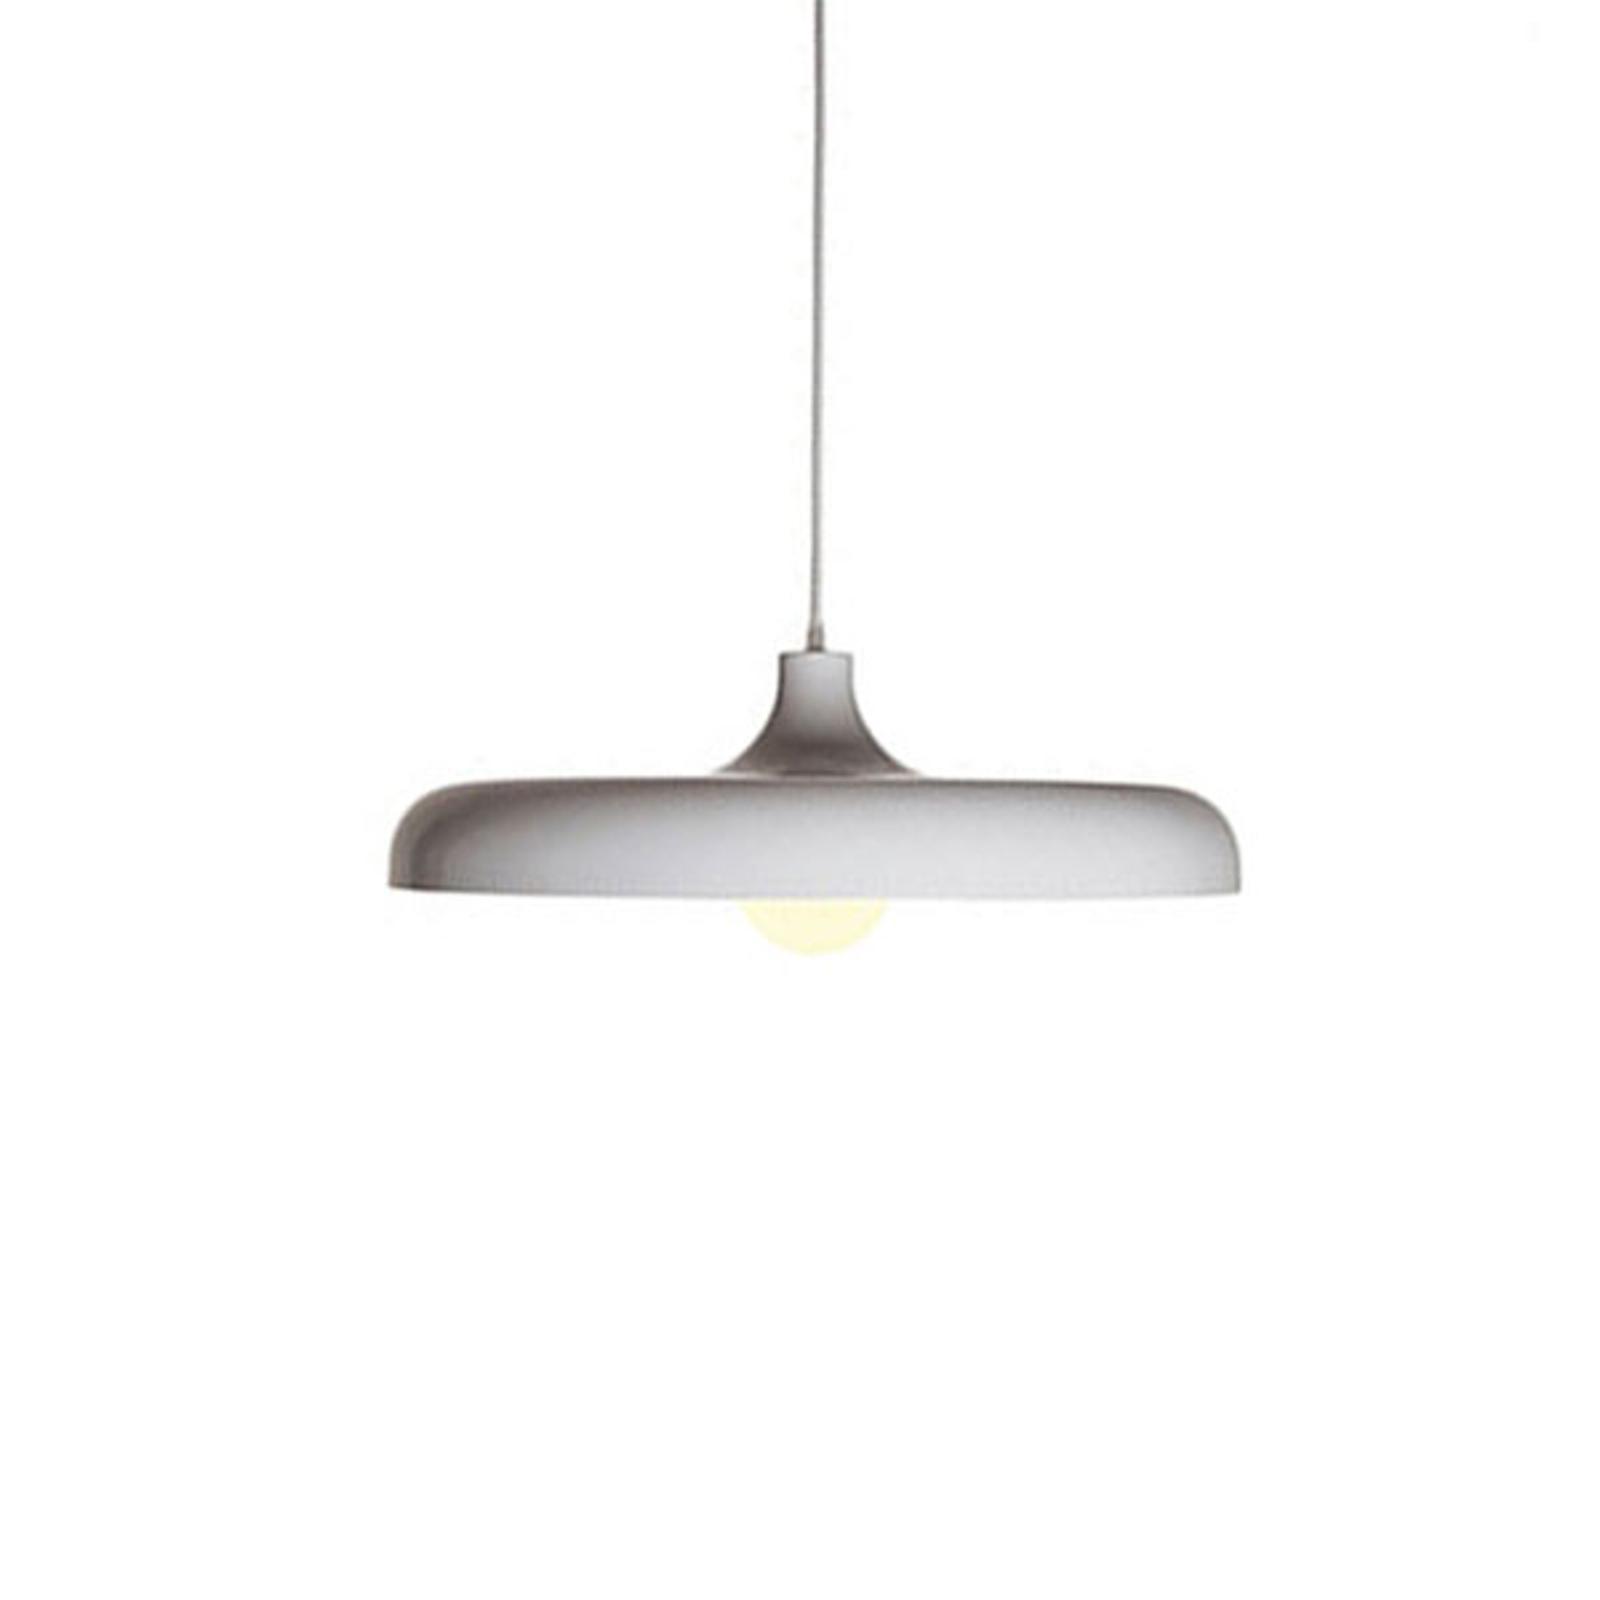 Innermost Portobello - lampa wisząca Ø 49cm biała